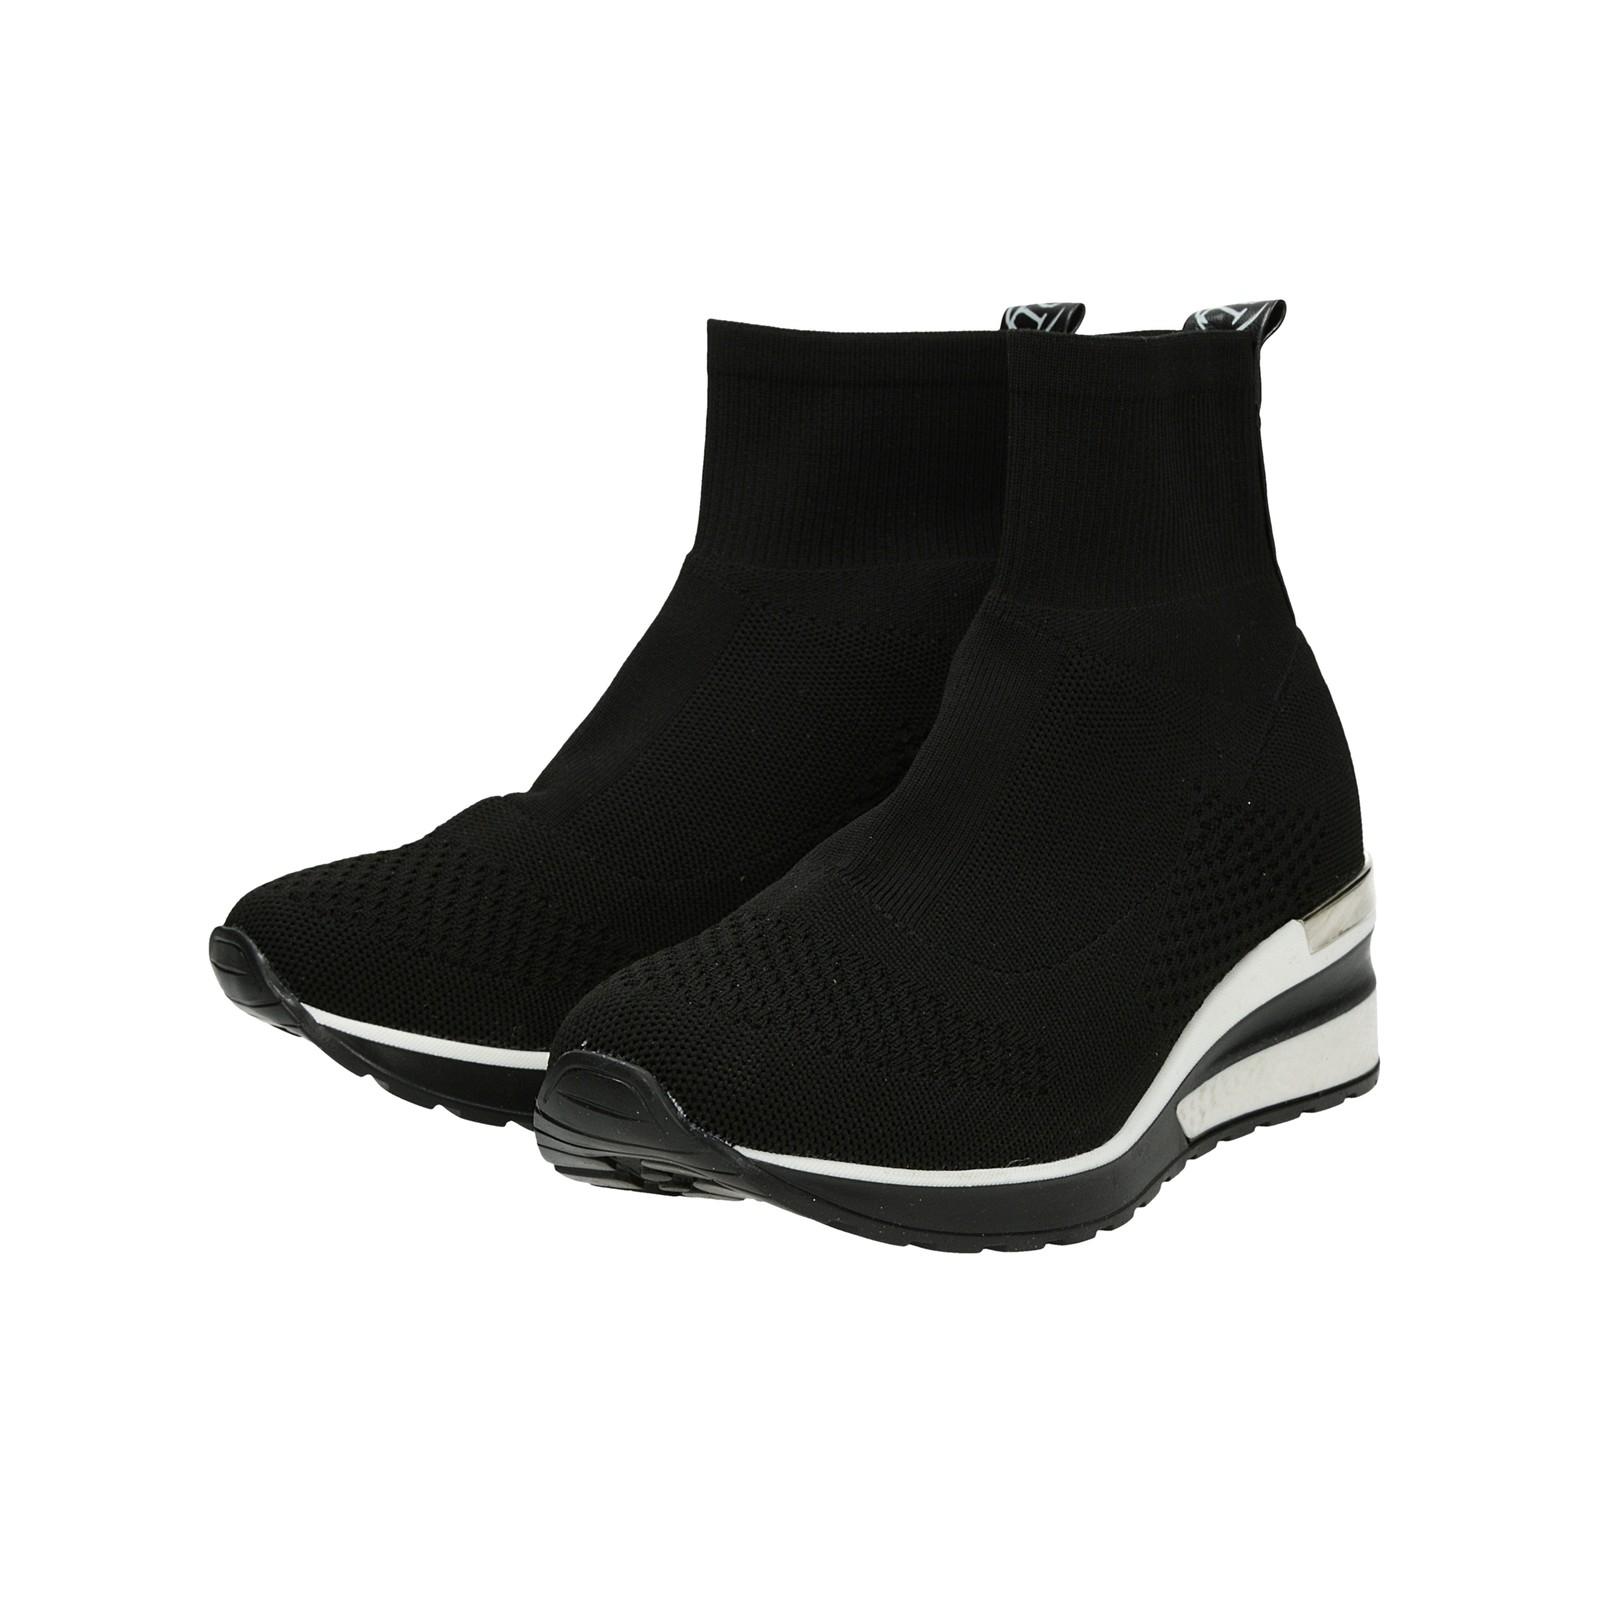 Olivia shoes dámske štýlové tenisky bez šnúrovania - čierne